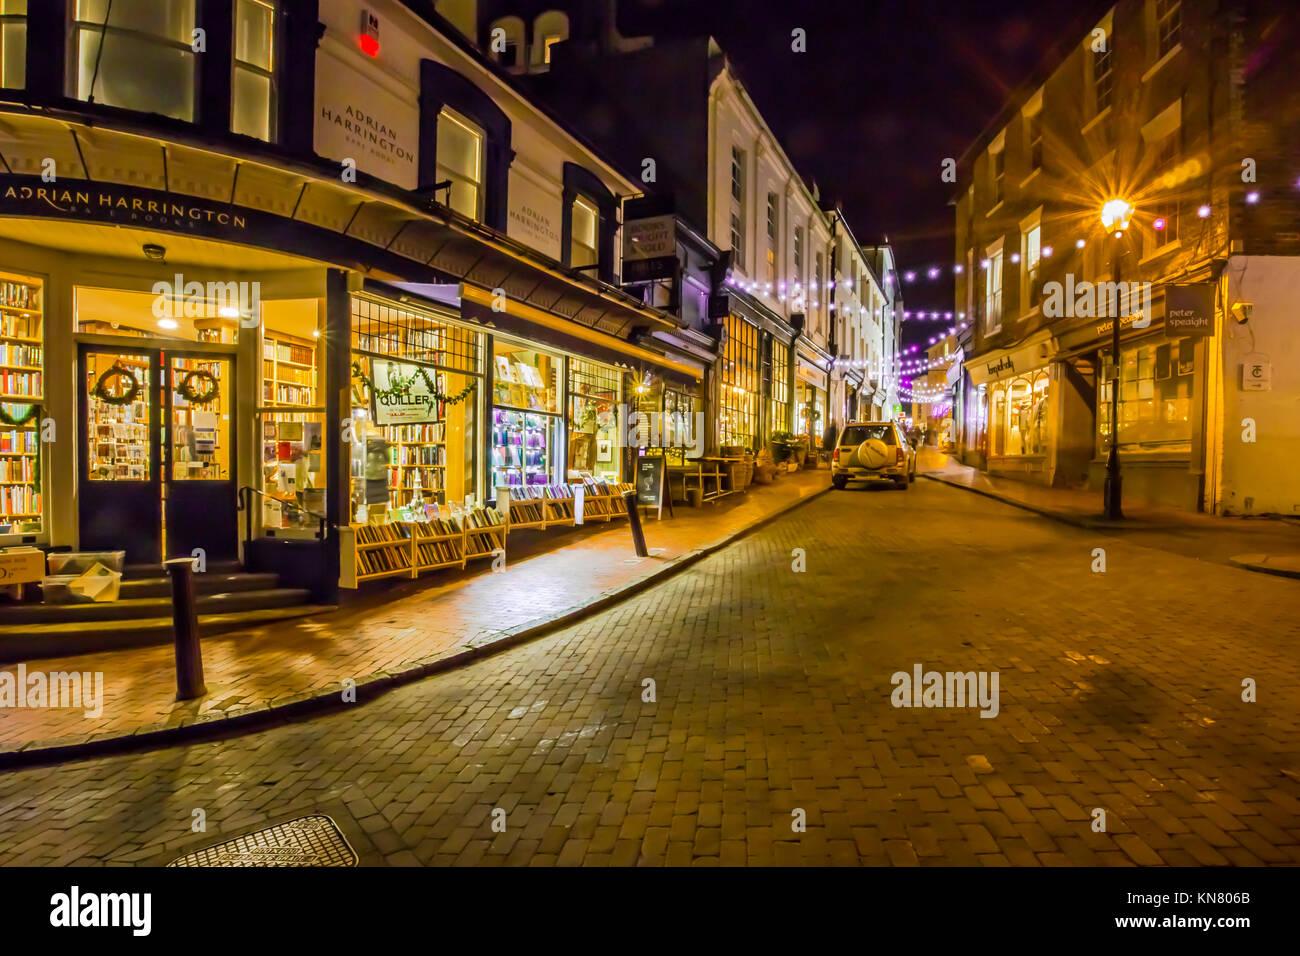 Lieu Chapelle Royal Tunbridge Wells commerçante piétonne pittoresque avec de petites boutiques indépendantes second hand book shop avec des lumières de Noël Banque D'Images